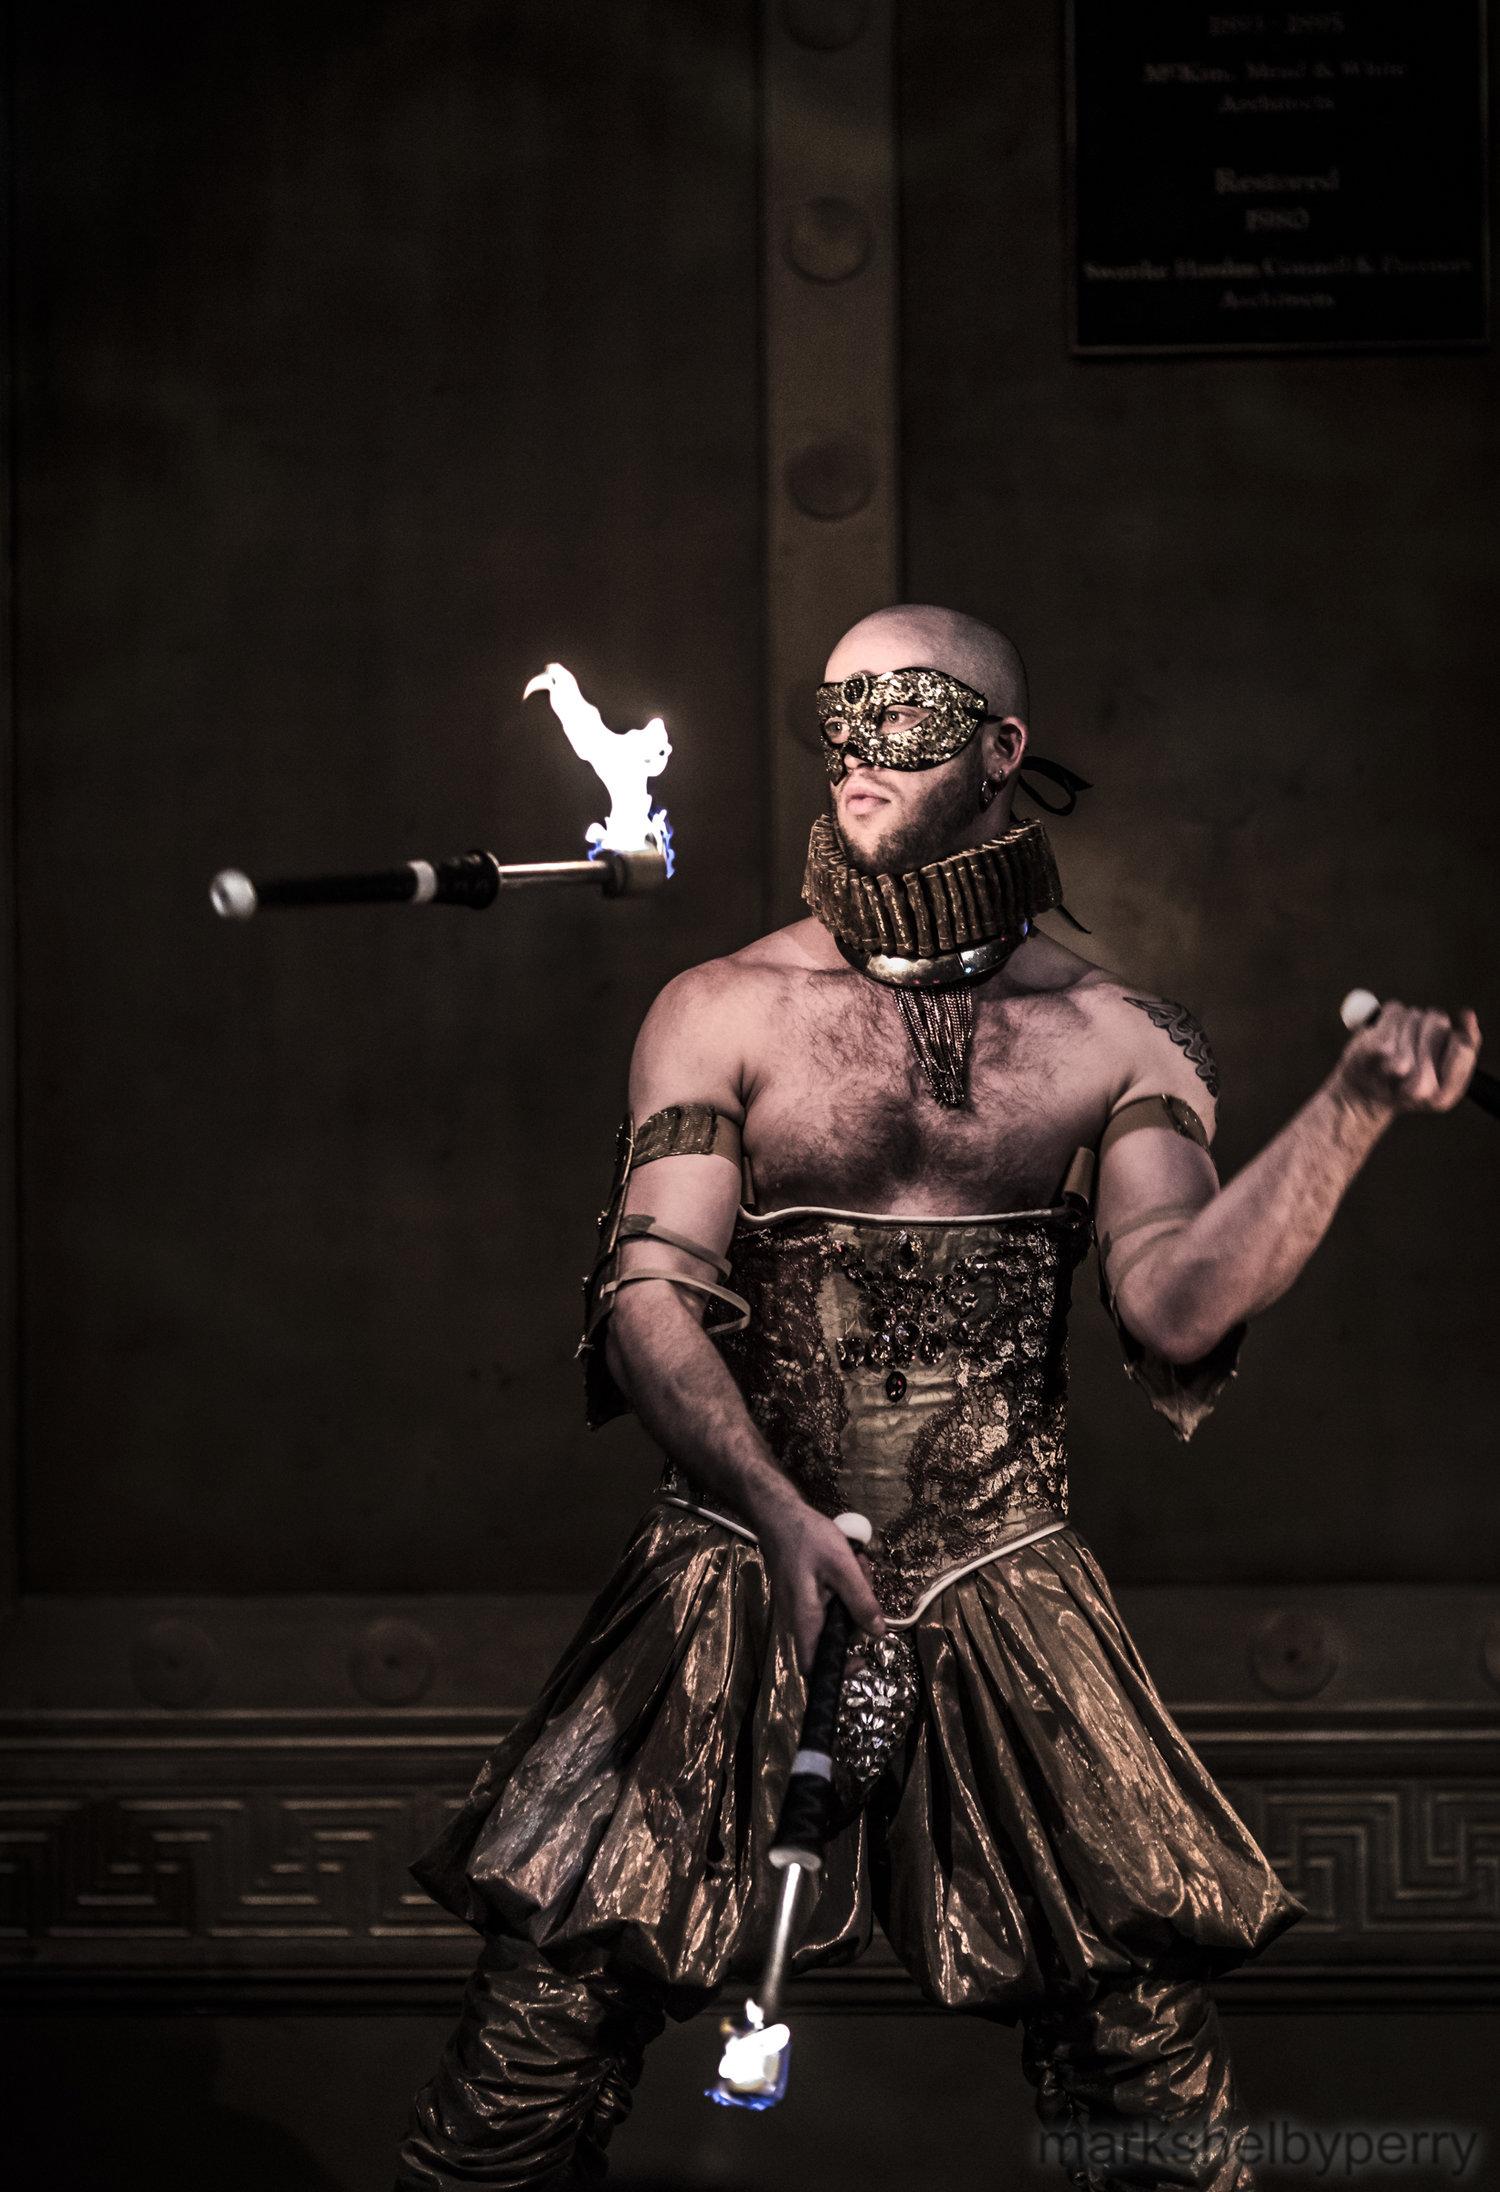 venetian masquerade 2018